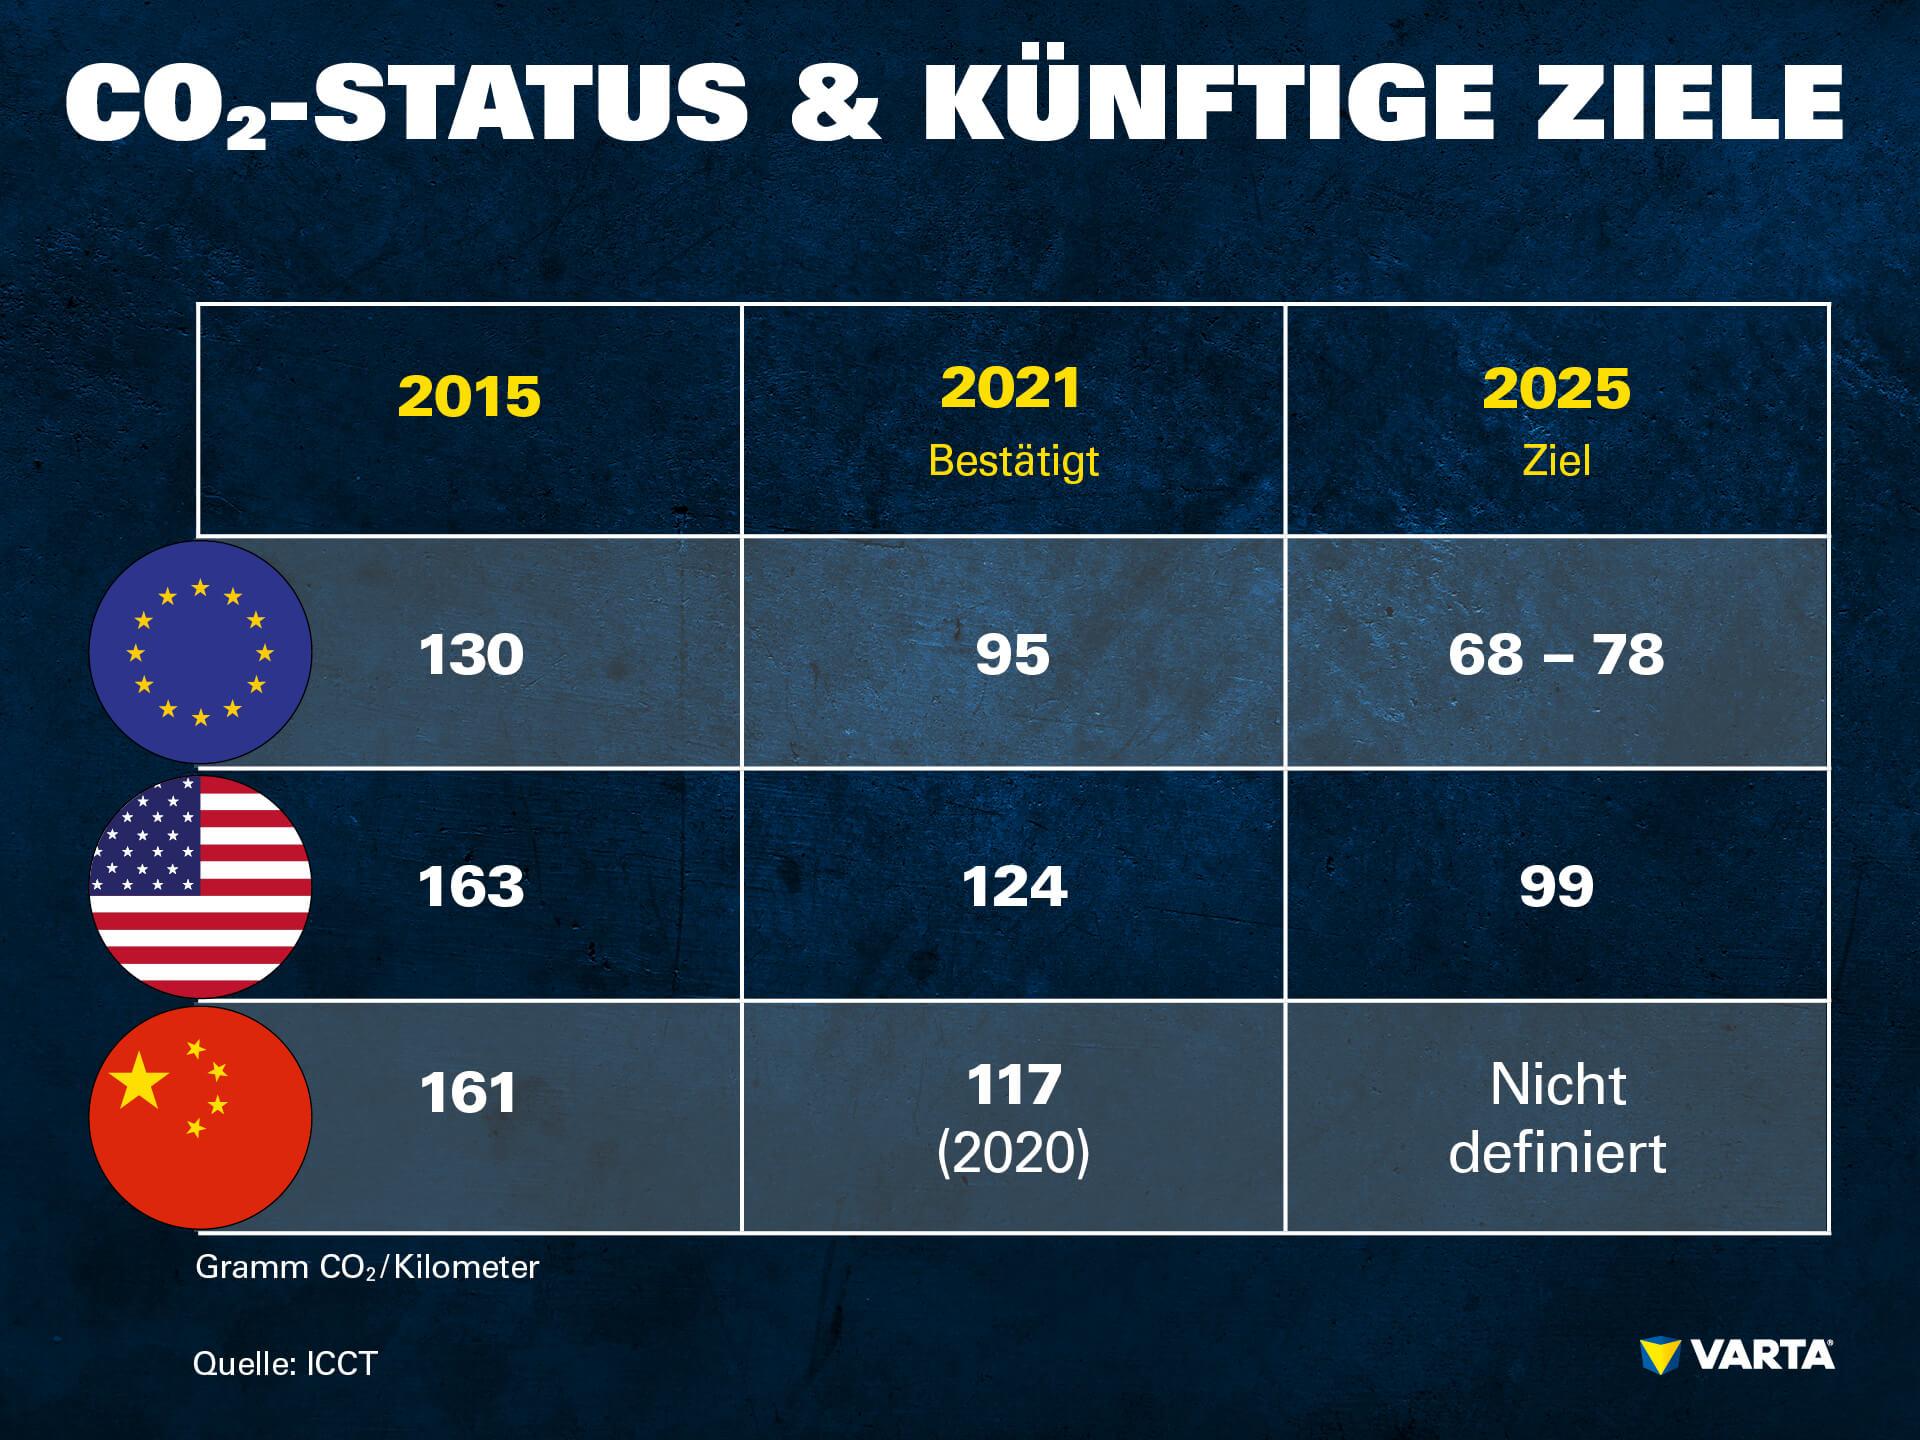 Der Status und die Ziele des CO2-Austoßes der EU, USA und China